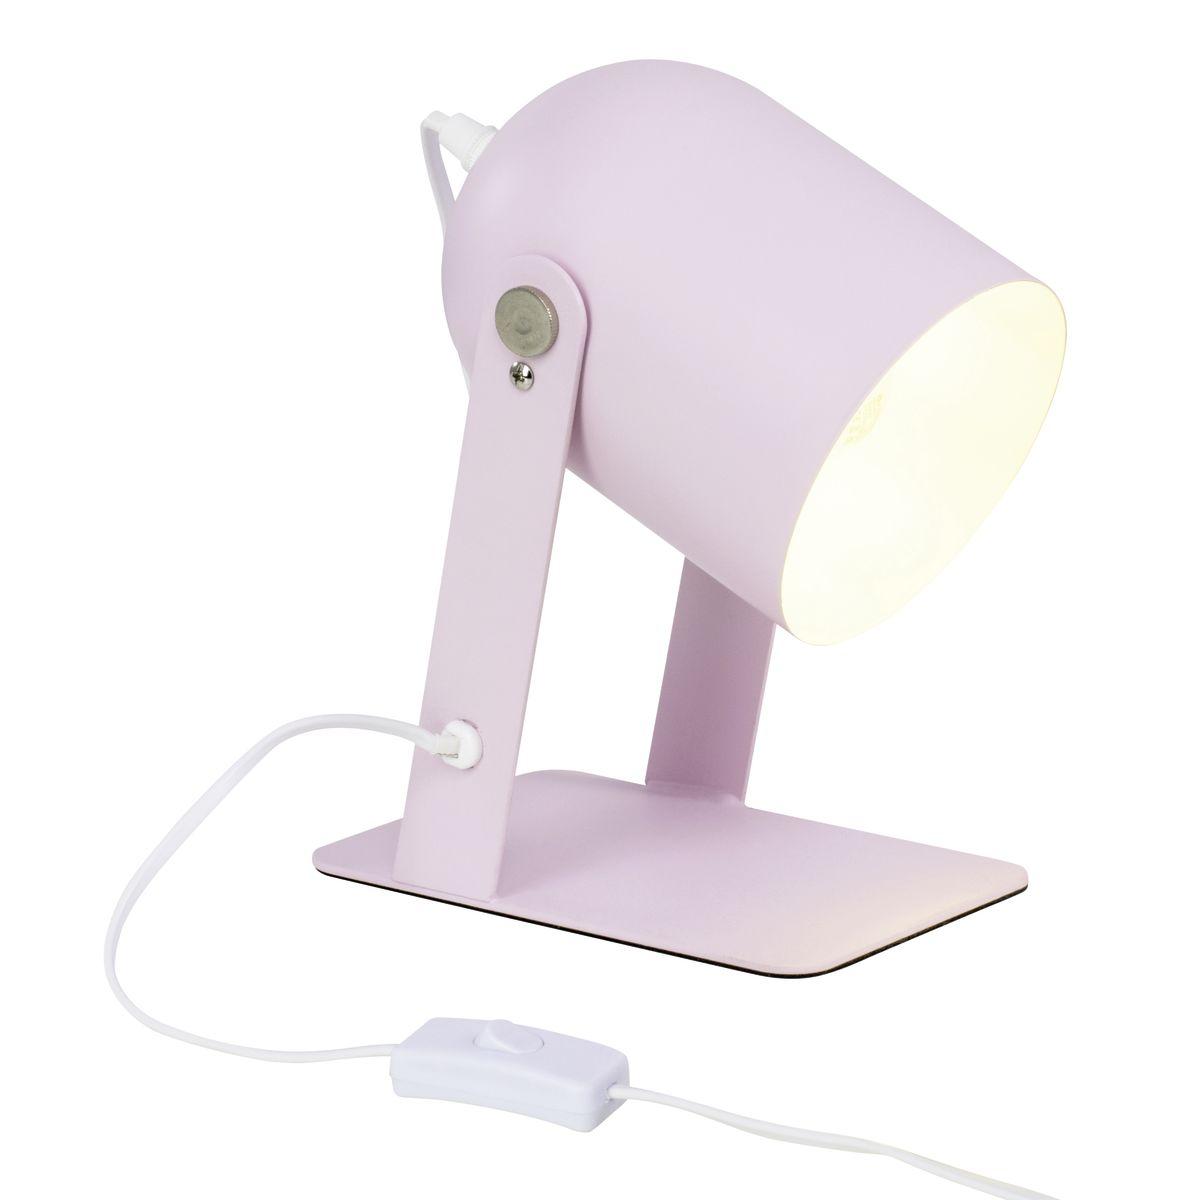 Lampade da tavolo: classiche e design | Leroy Merlin